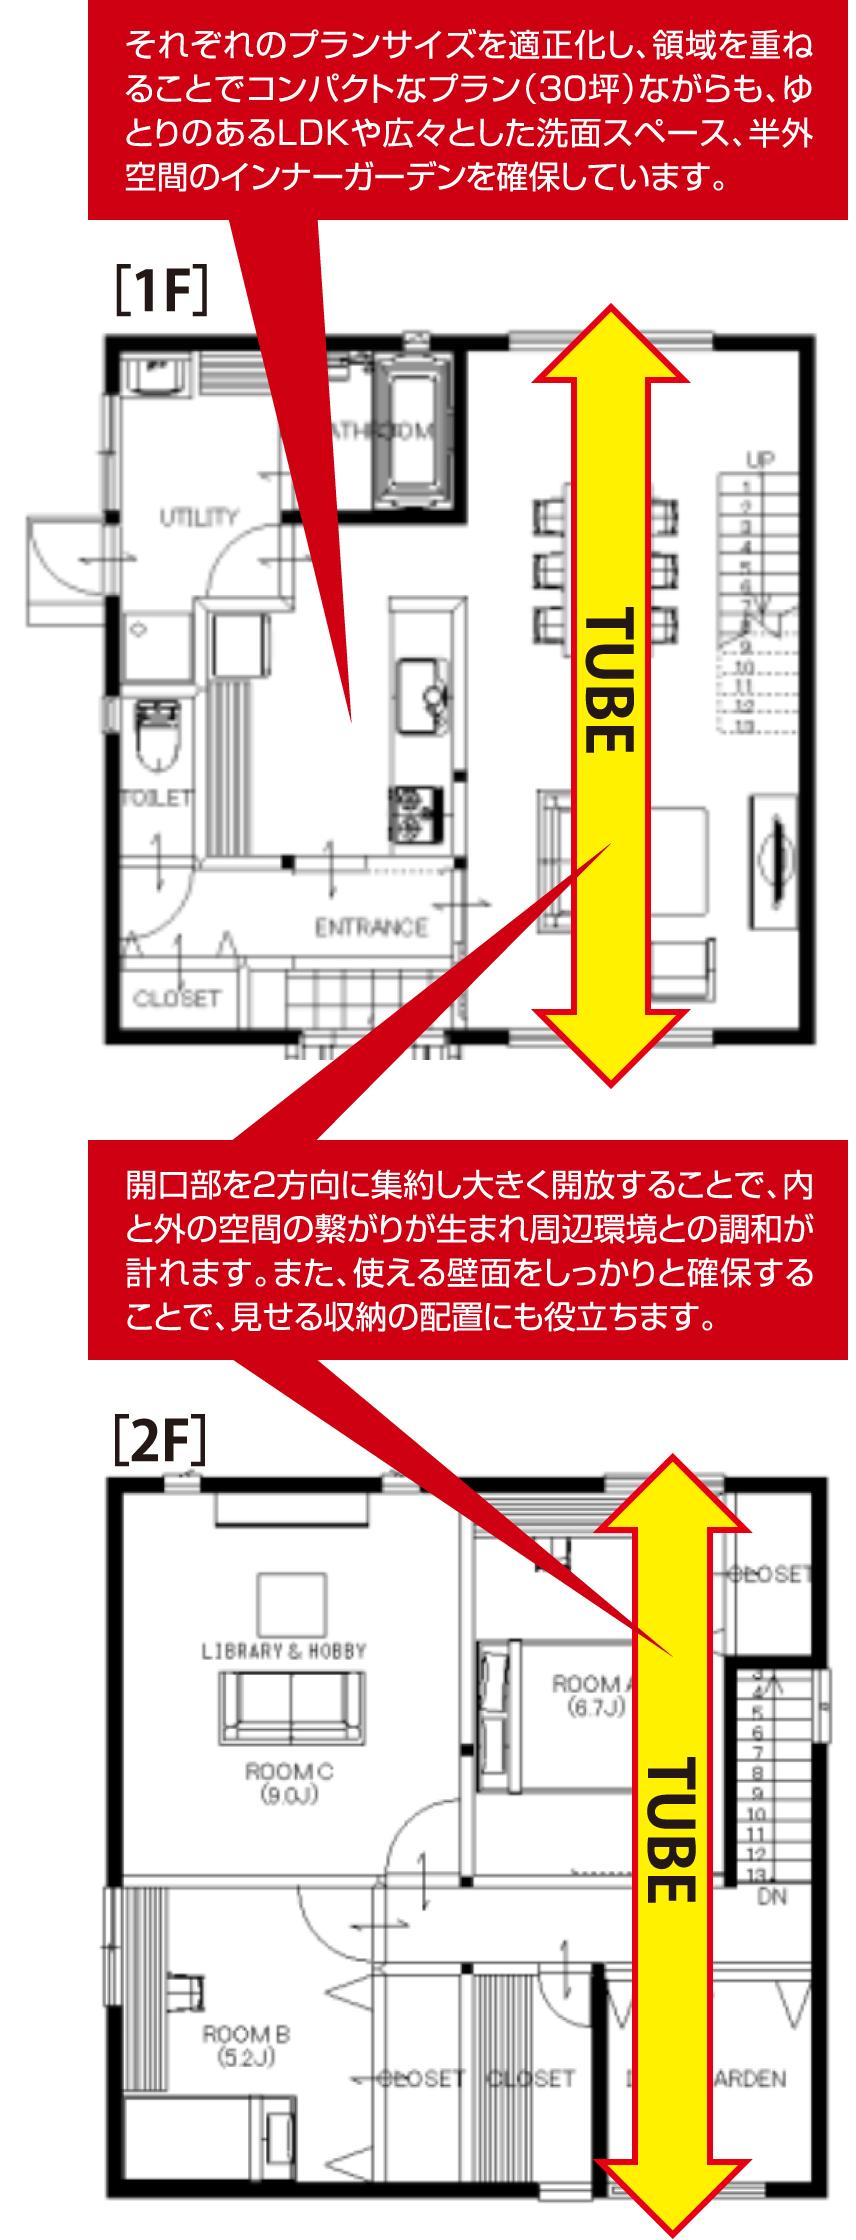 それぞれのプランサイズを適正化し、領域を重ねることでコンパクトなプラン(30坪)ながらも、ゆとりのあるLDKや広々とした洗面スペース、半外空間のインナーガーデンを確保しています。 開口部を2方向に集約し大きく開放することで、内と外の空間の繋がりが生まれ周辺環境との調和が計れます。また、使える壁面をしっかりと確保することで、見せる収納の配置にも役立ちます。